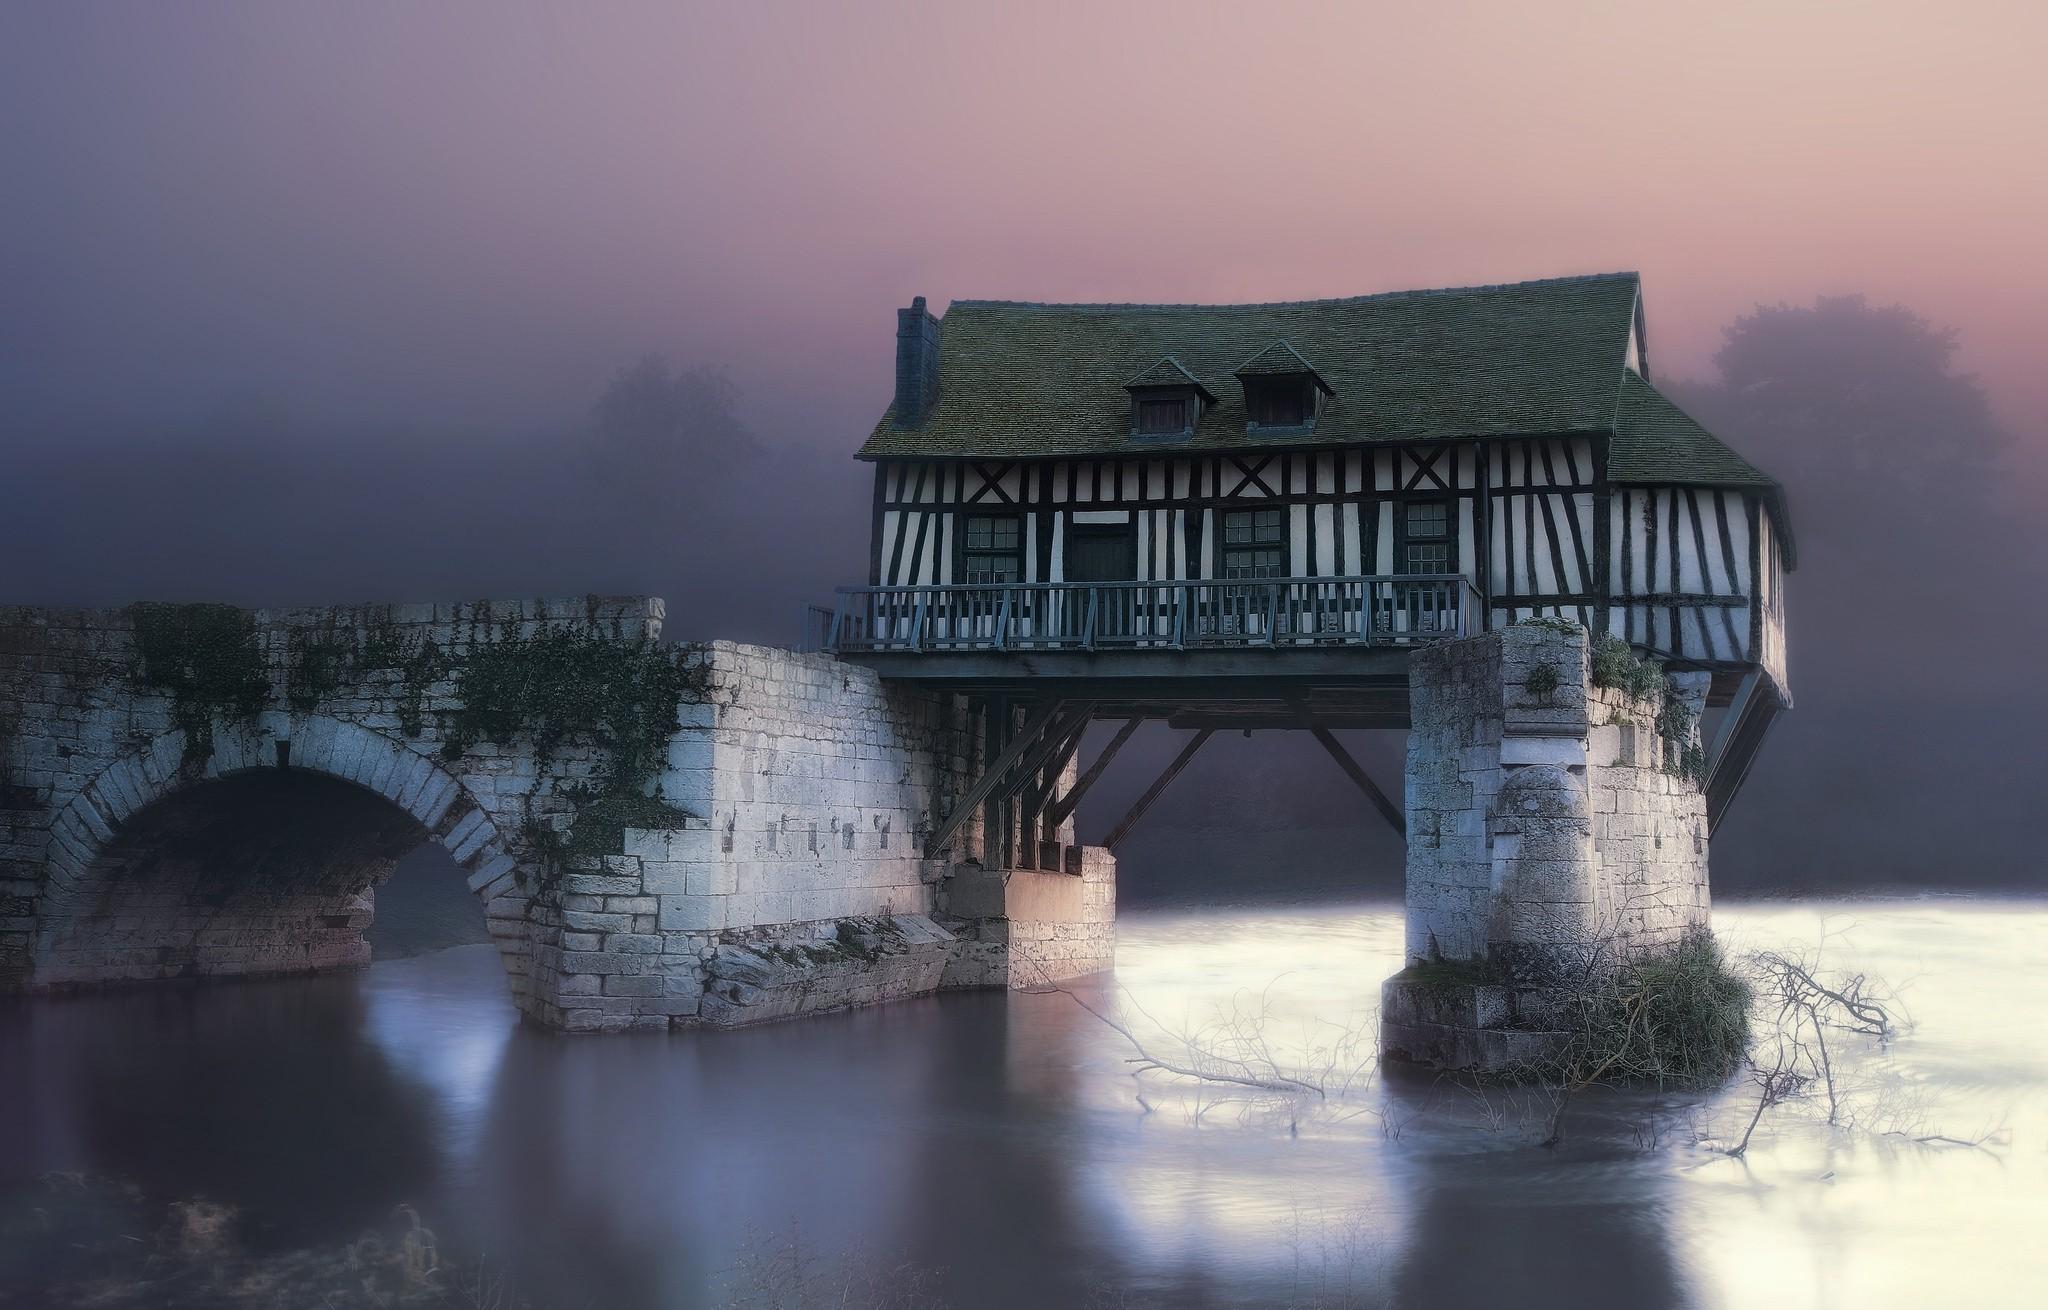 туман и архитектура фотографии стремятся